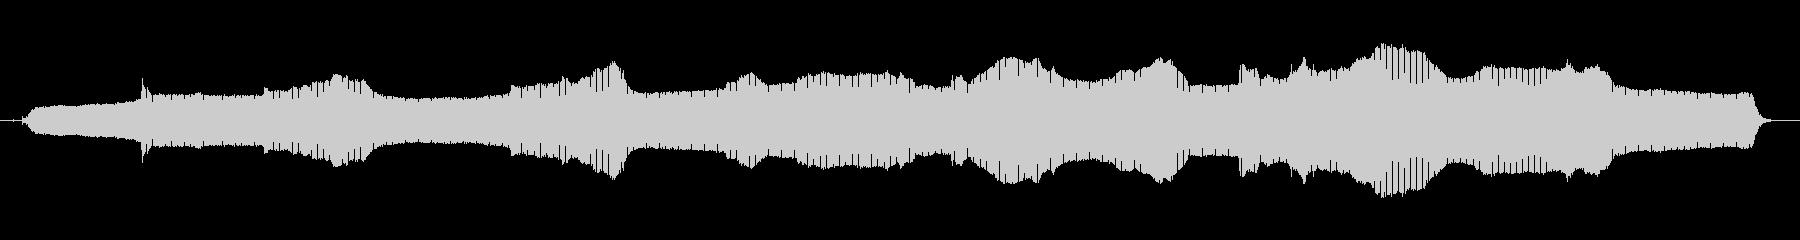 高速で作動するマッサージ装置の振動の未再生の波形